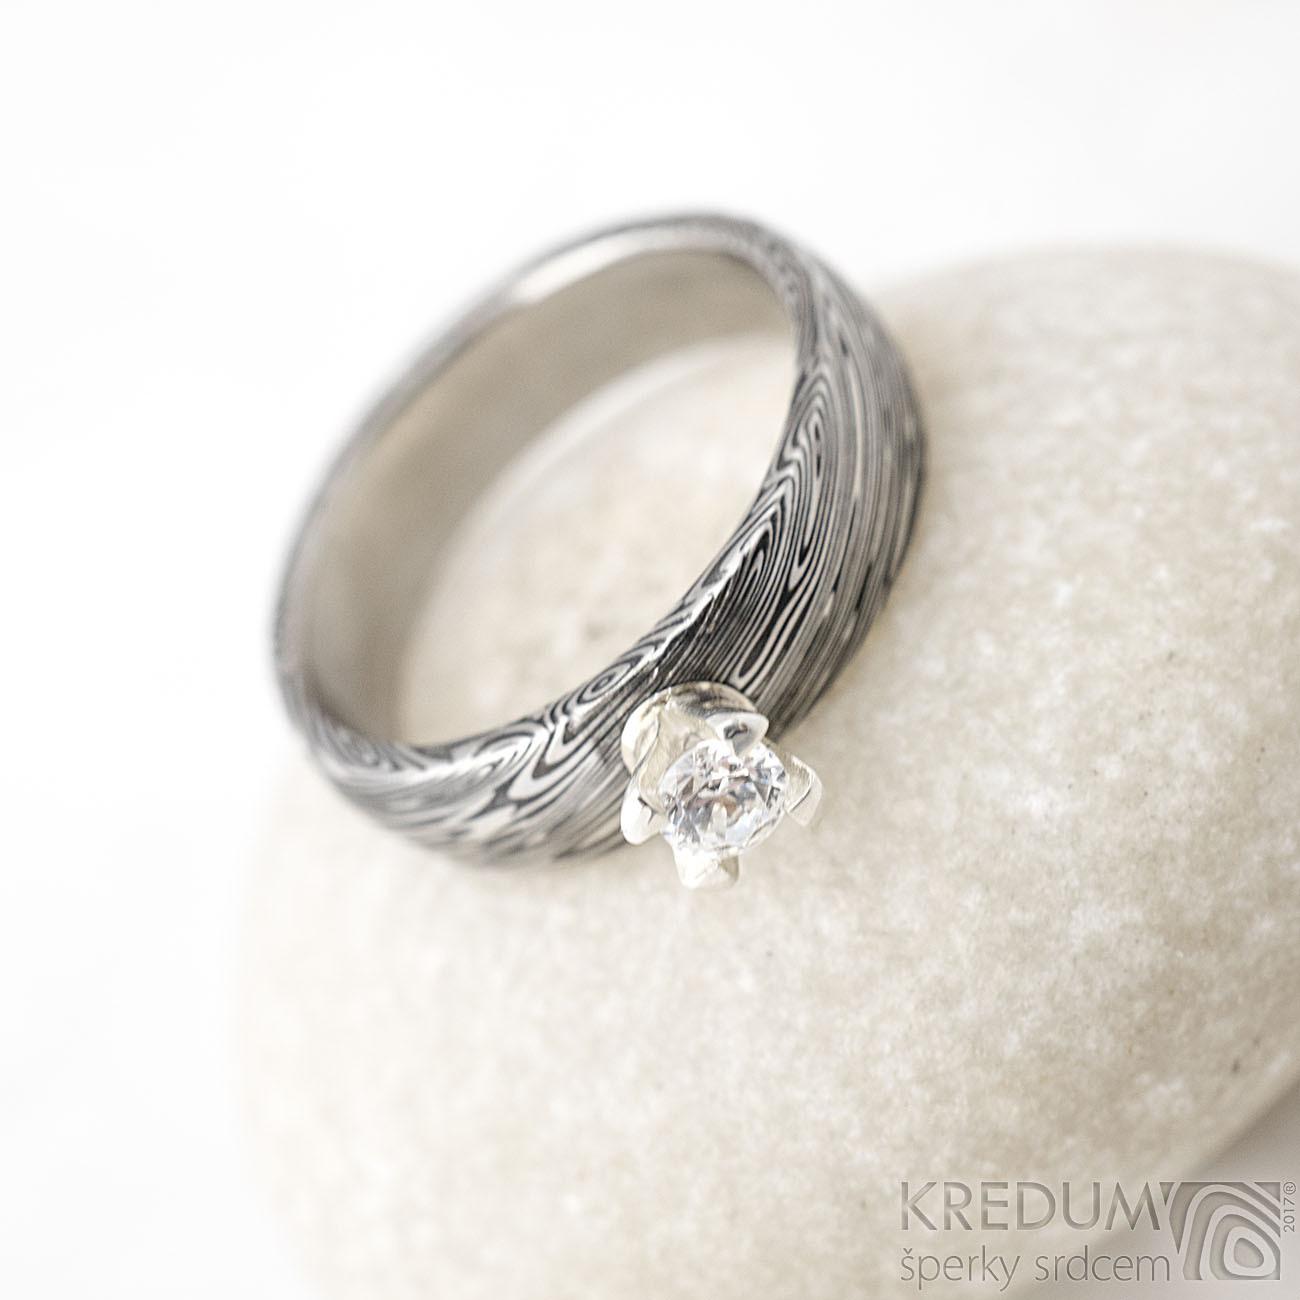 Kovany Zasnubni Prsten Damasteel Prima Princezna Zbozi Prodejce